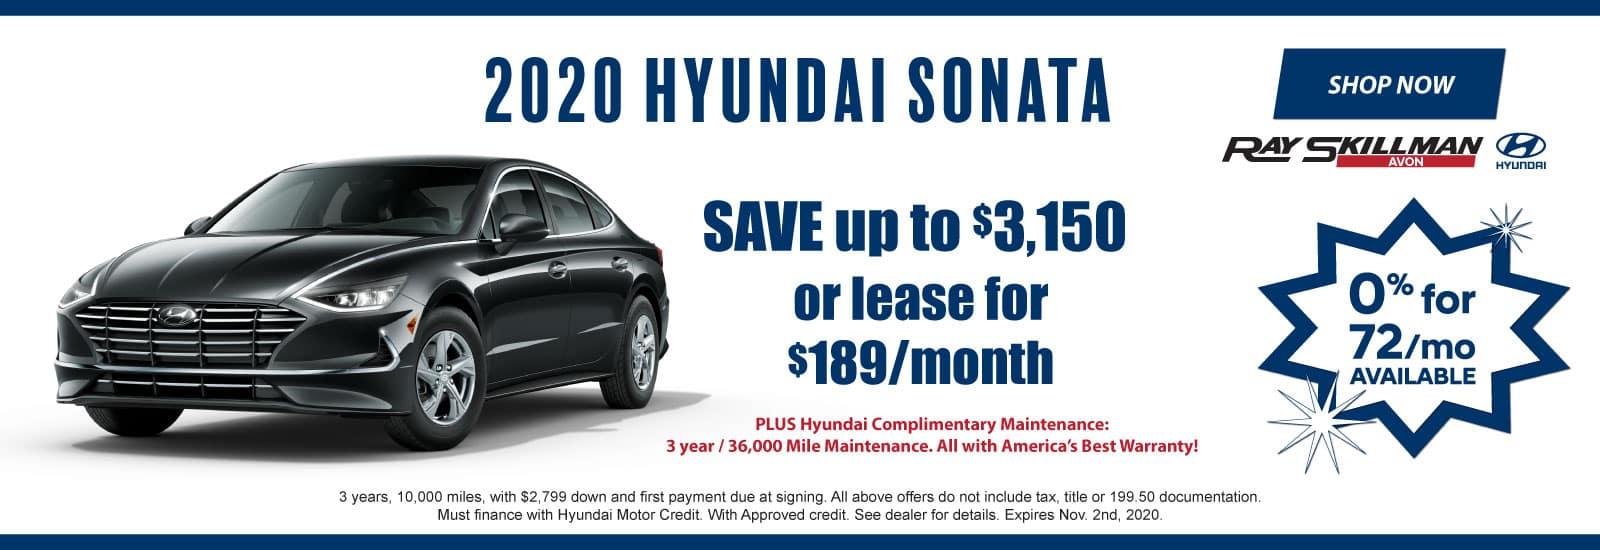 2020-Hyundai-Sonata-Web-Banner-1600×500